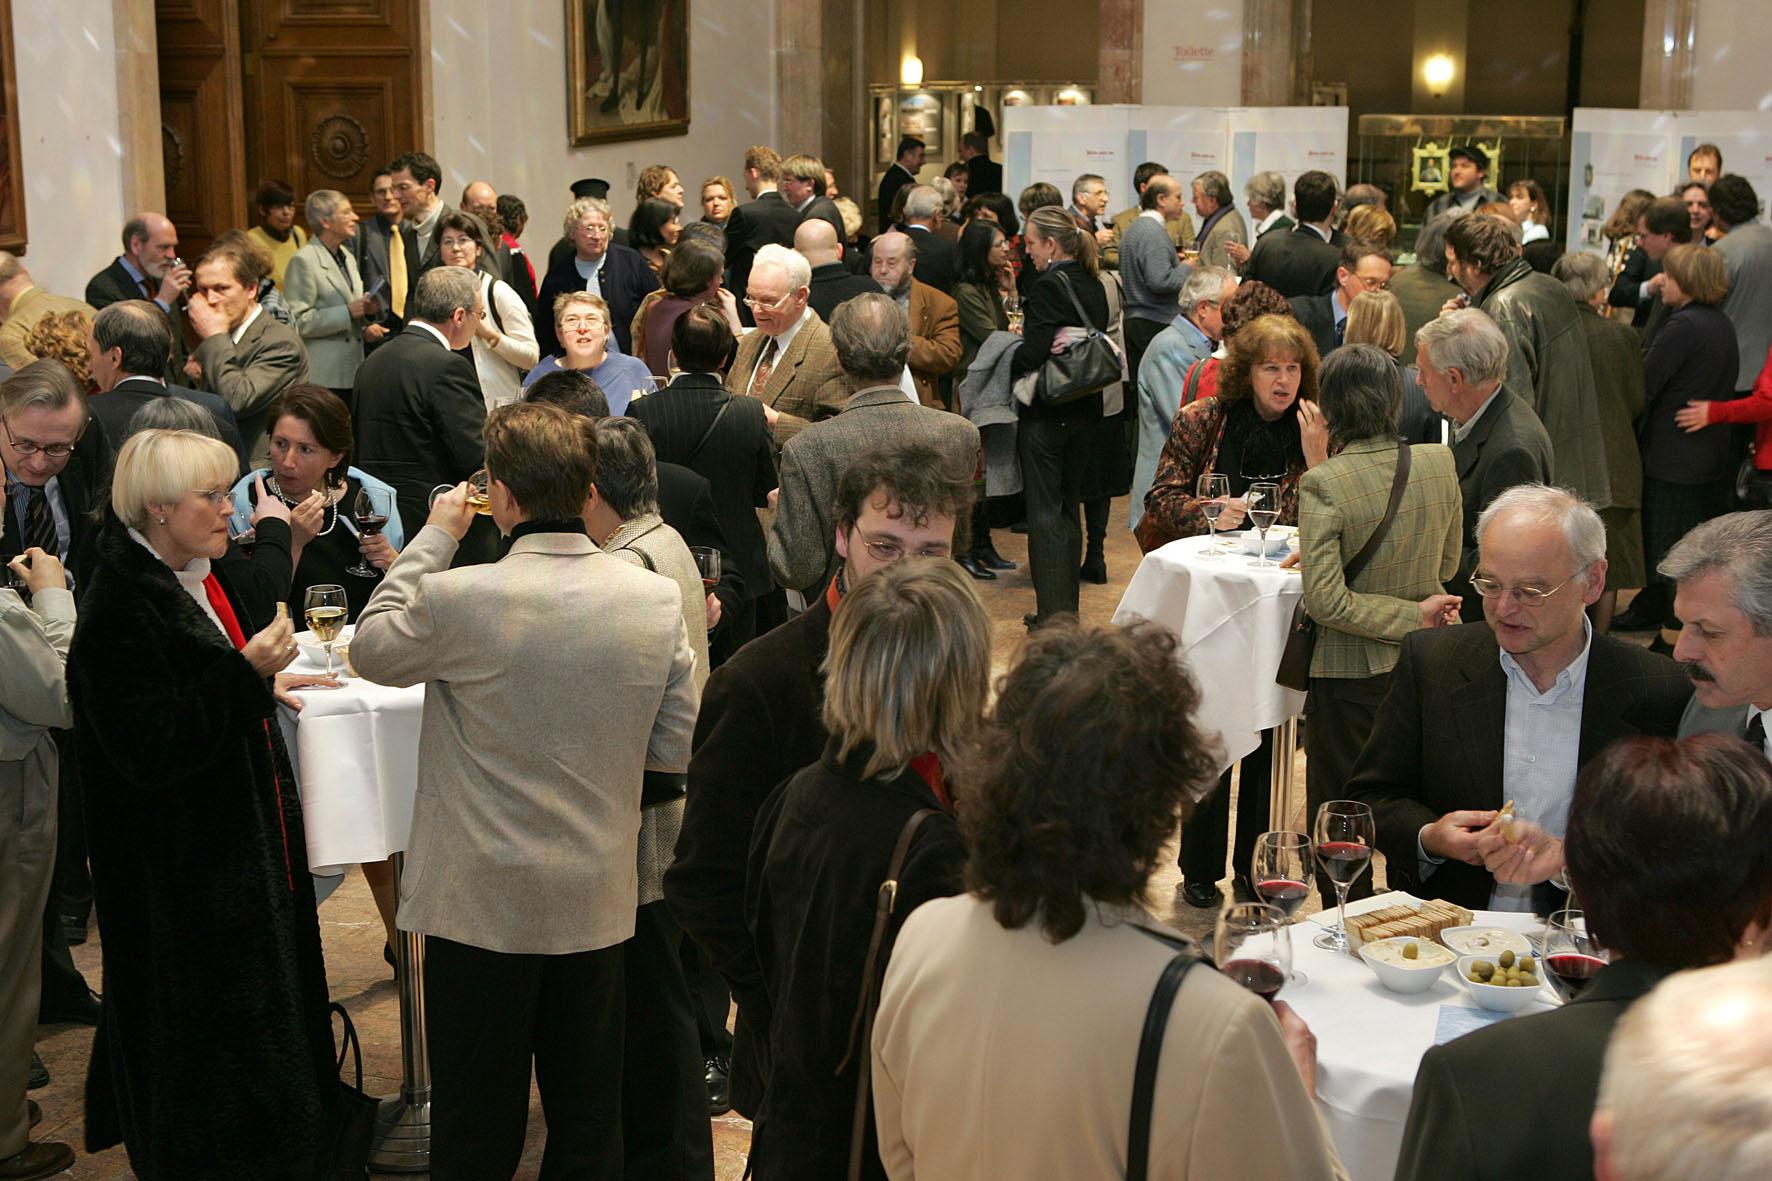 Empfang nach der Gedenkveranstaltung am 26.01.2009 im Senatssaal des Bayerischen Landtags